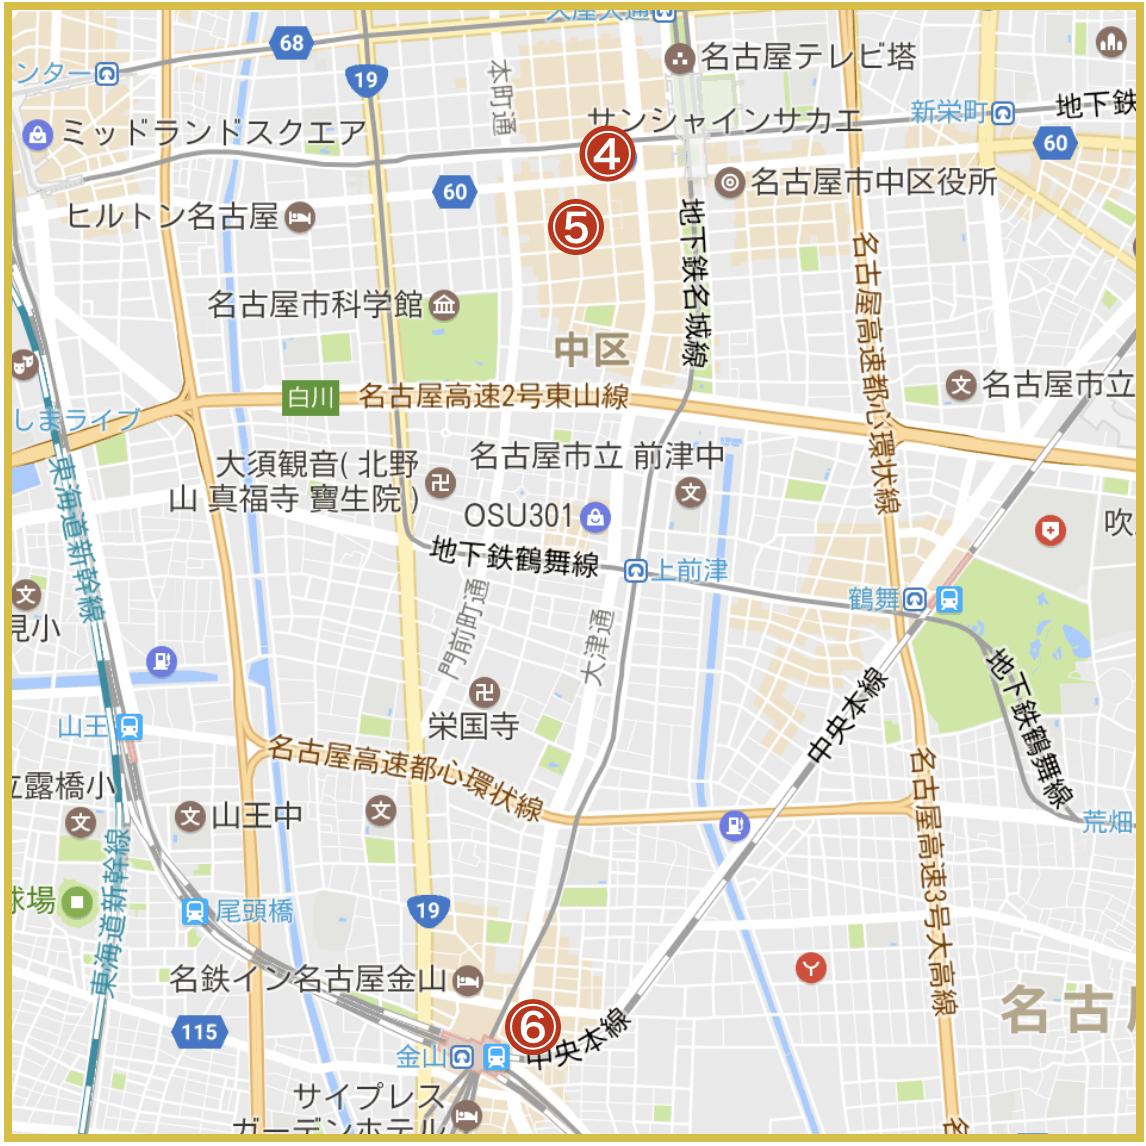 名古屋市中区にあるアコム店舗・ATMの位置